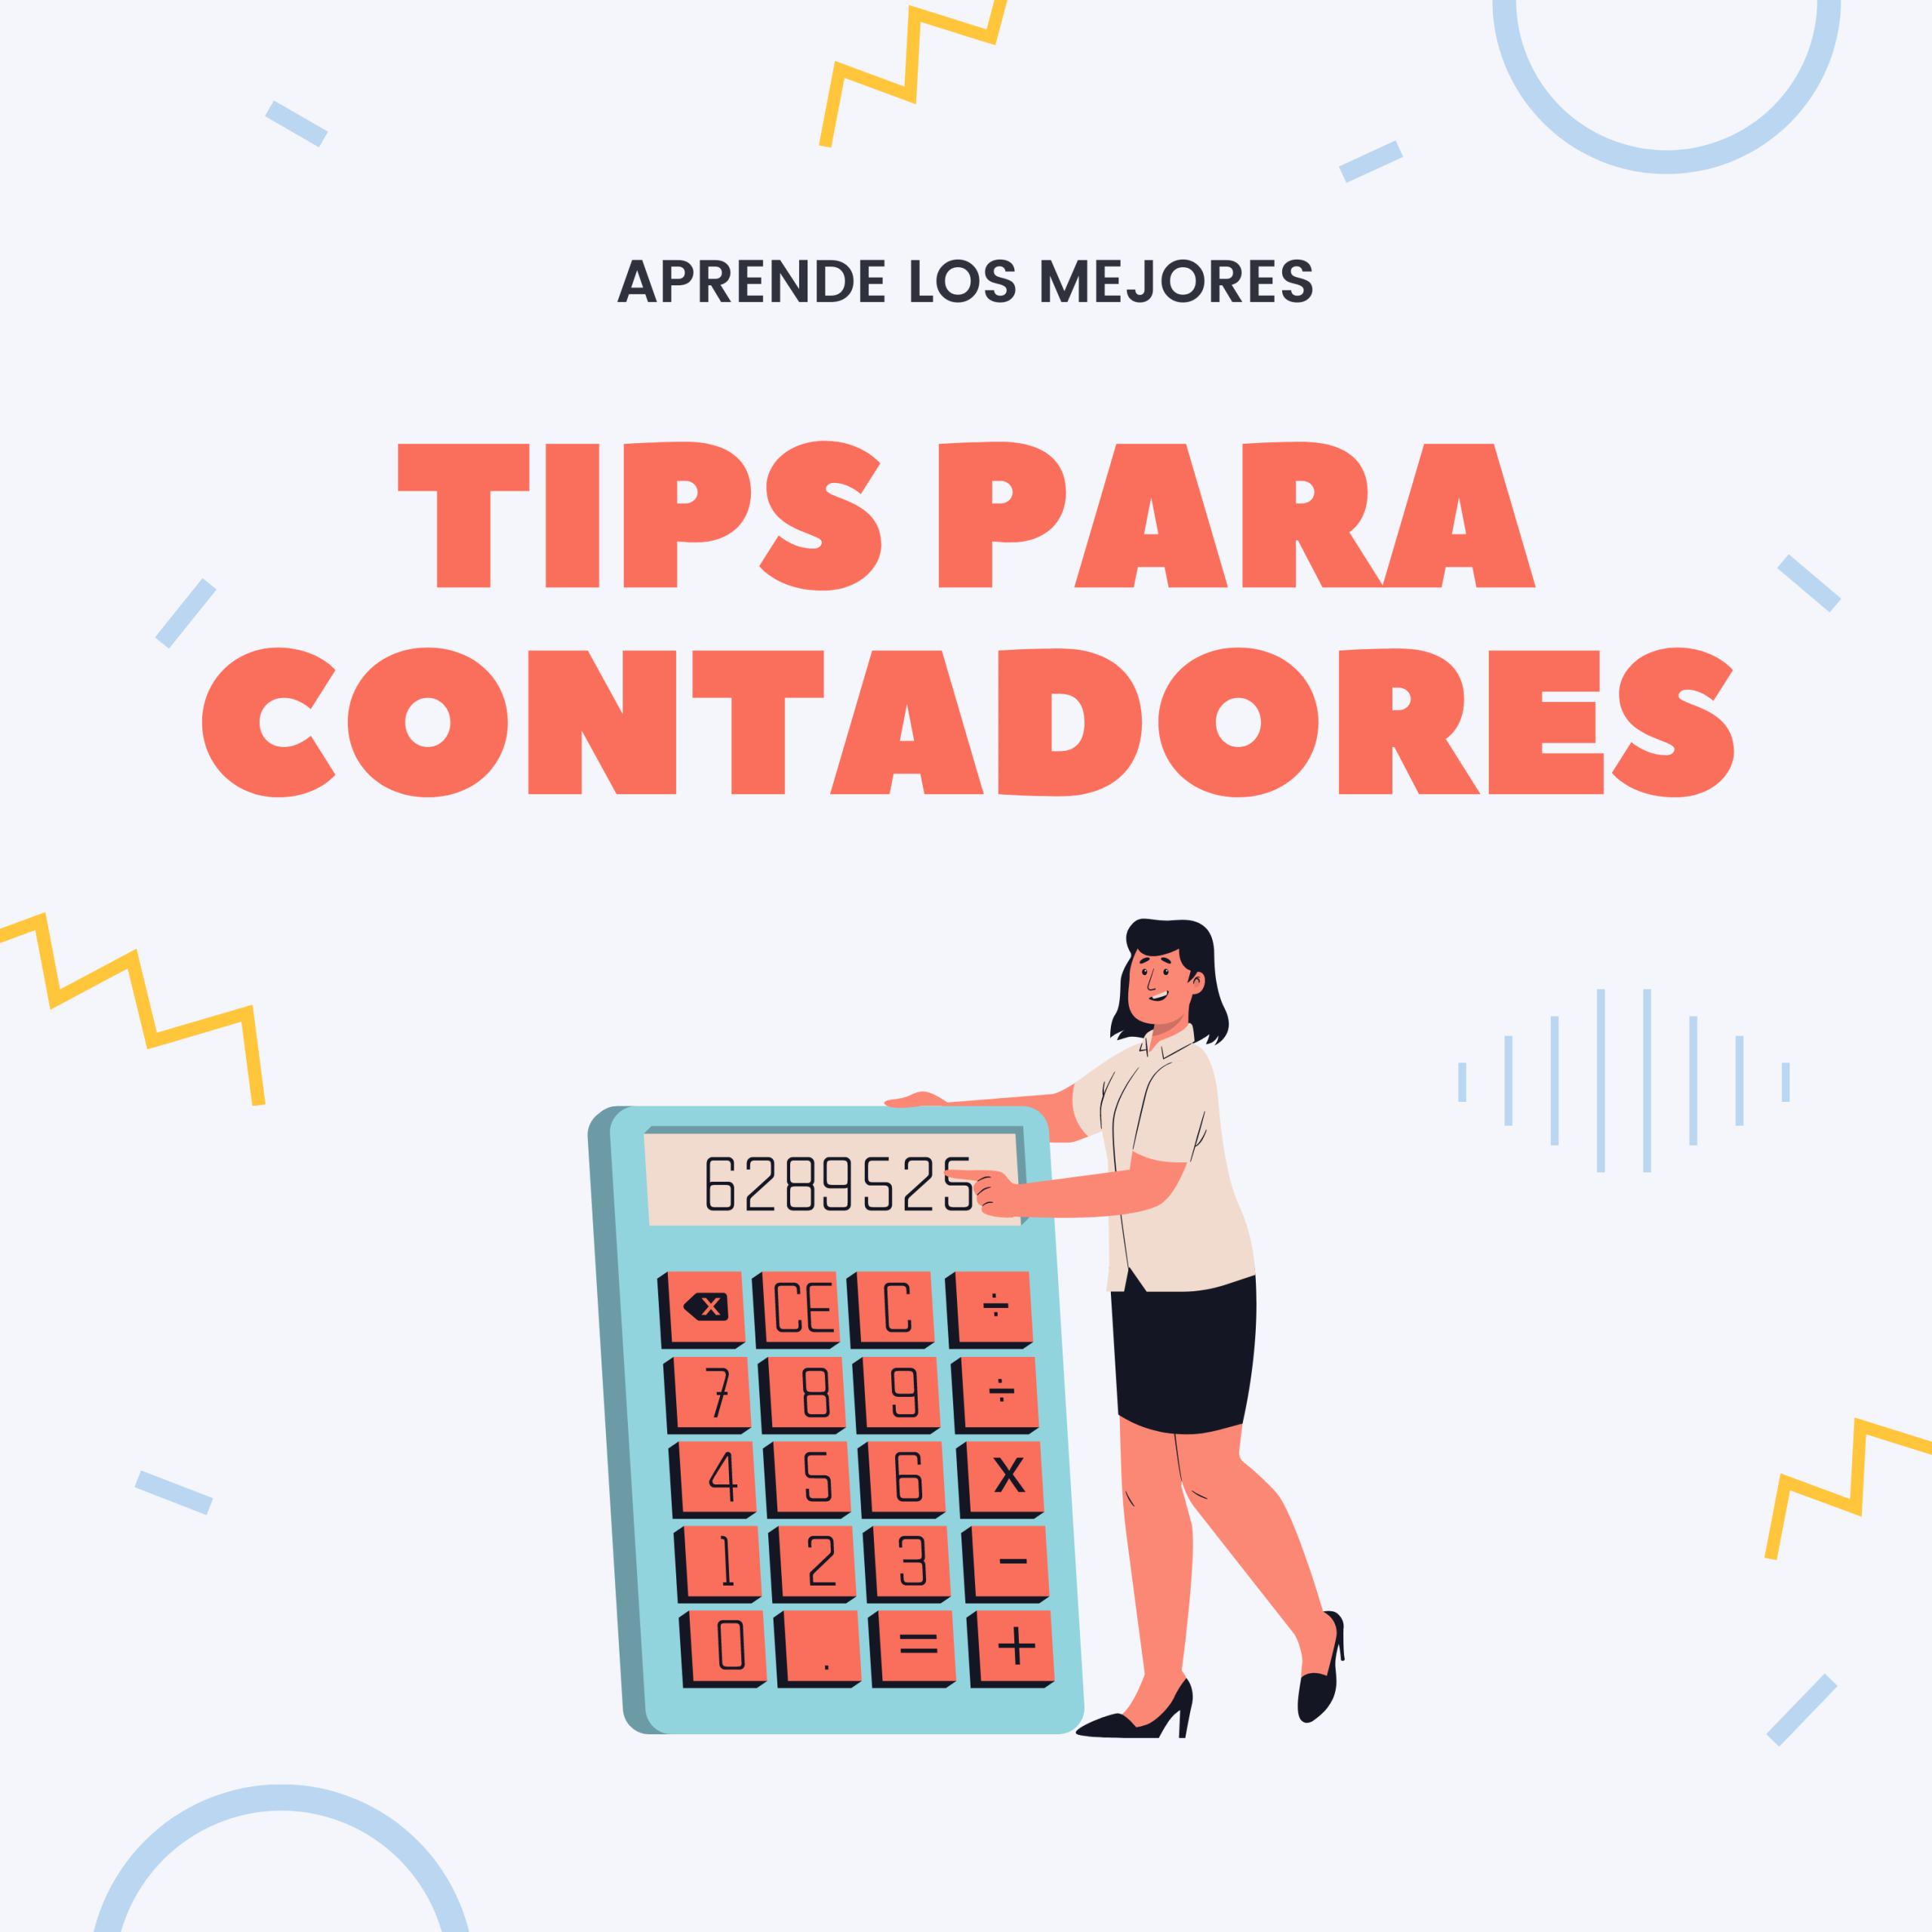 tips para contadores